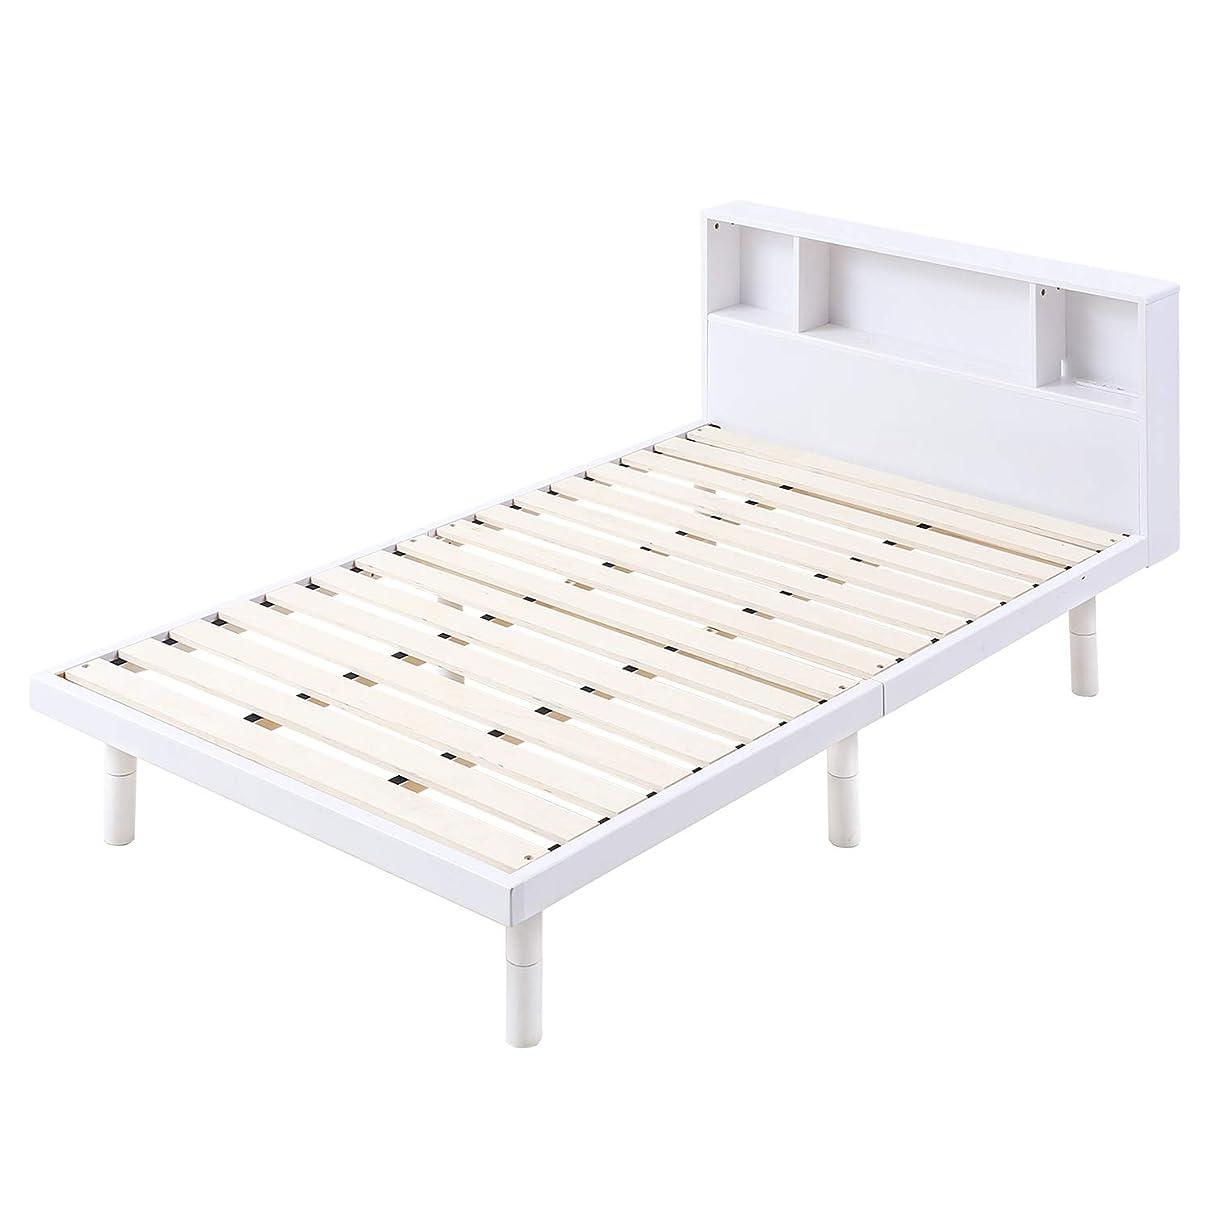 生き物持参安いですモダンデコ 高さ調節可能 すのこベッド ヘッドボード 宮付き 収納付き ベッドフレーム 木製ベッド 天然木 無垢材 脚付きベッド コンセント付き 【Cuenca】シングルサイズ (ホワイト)